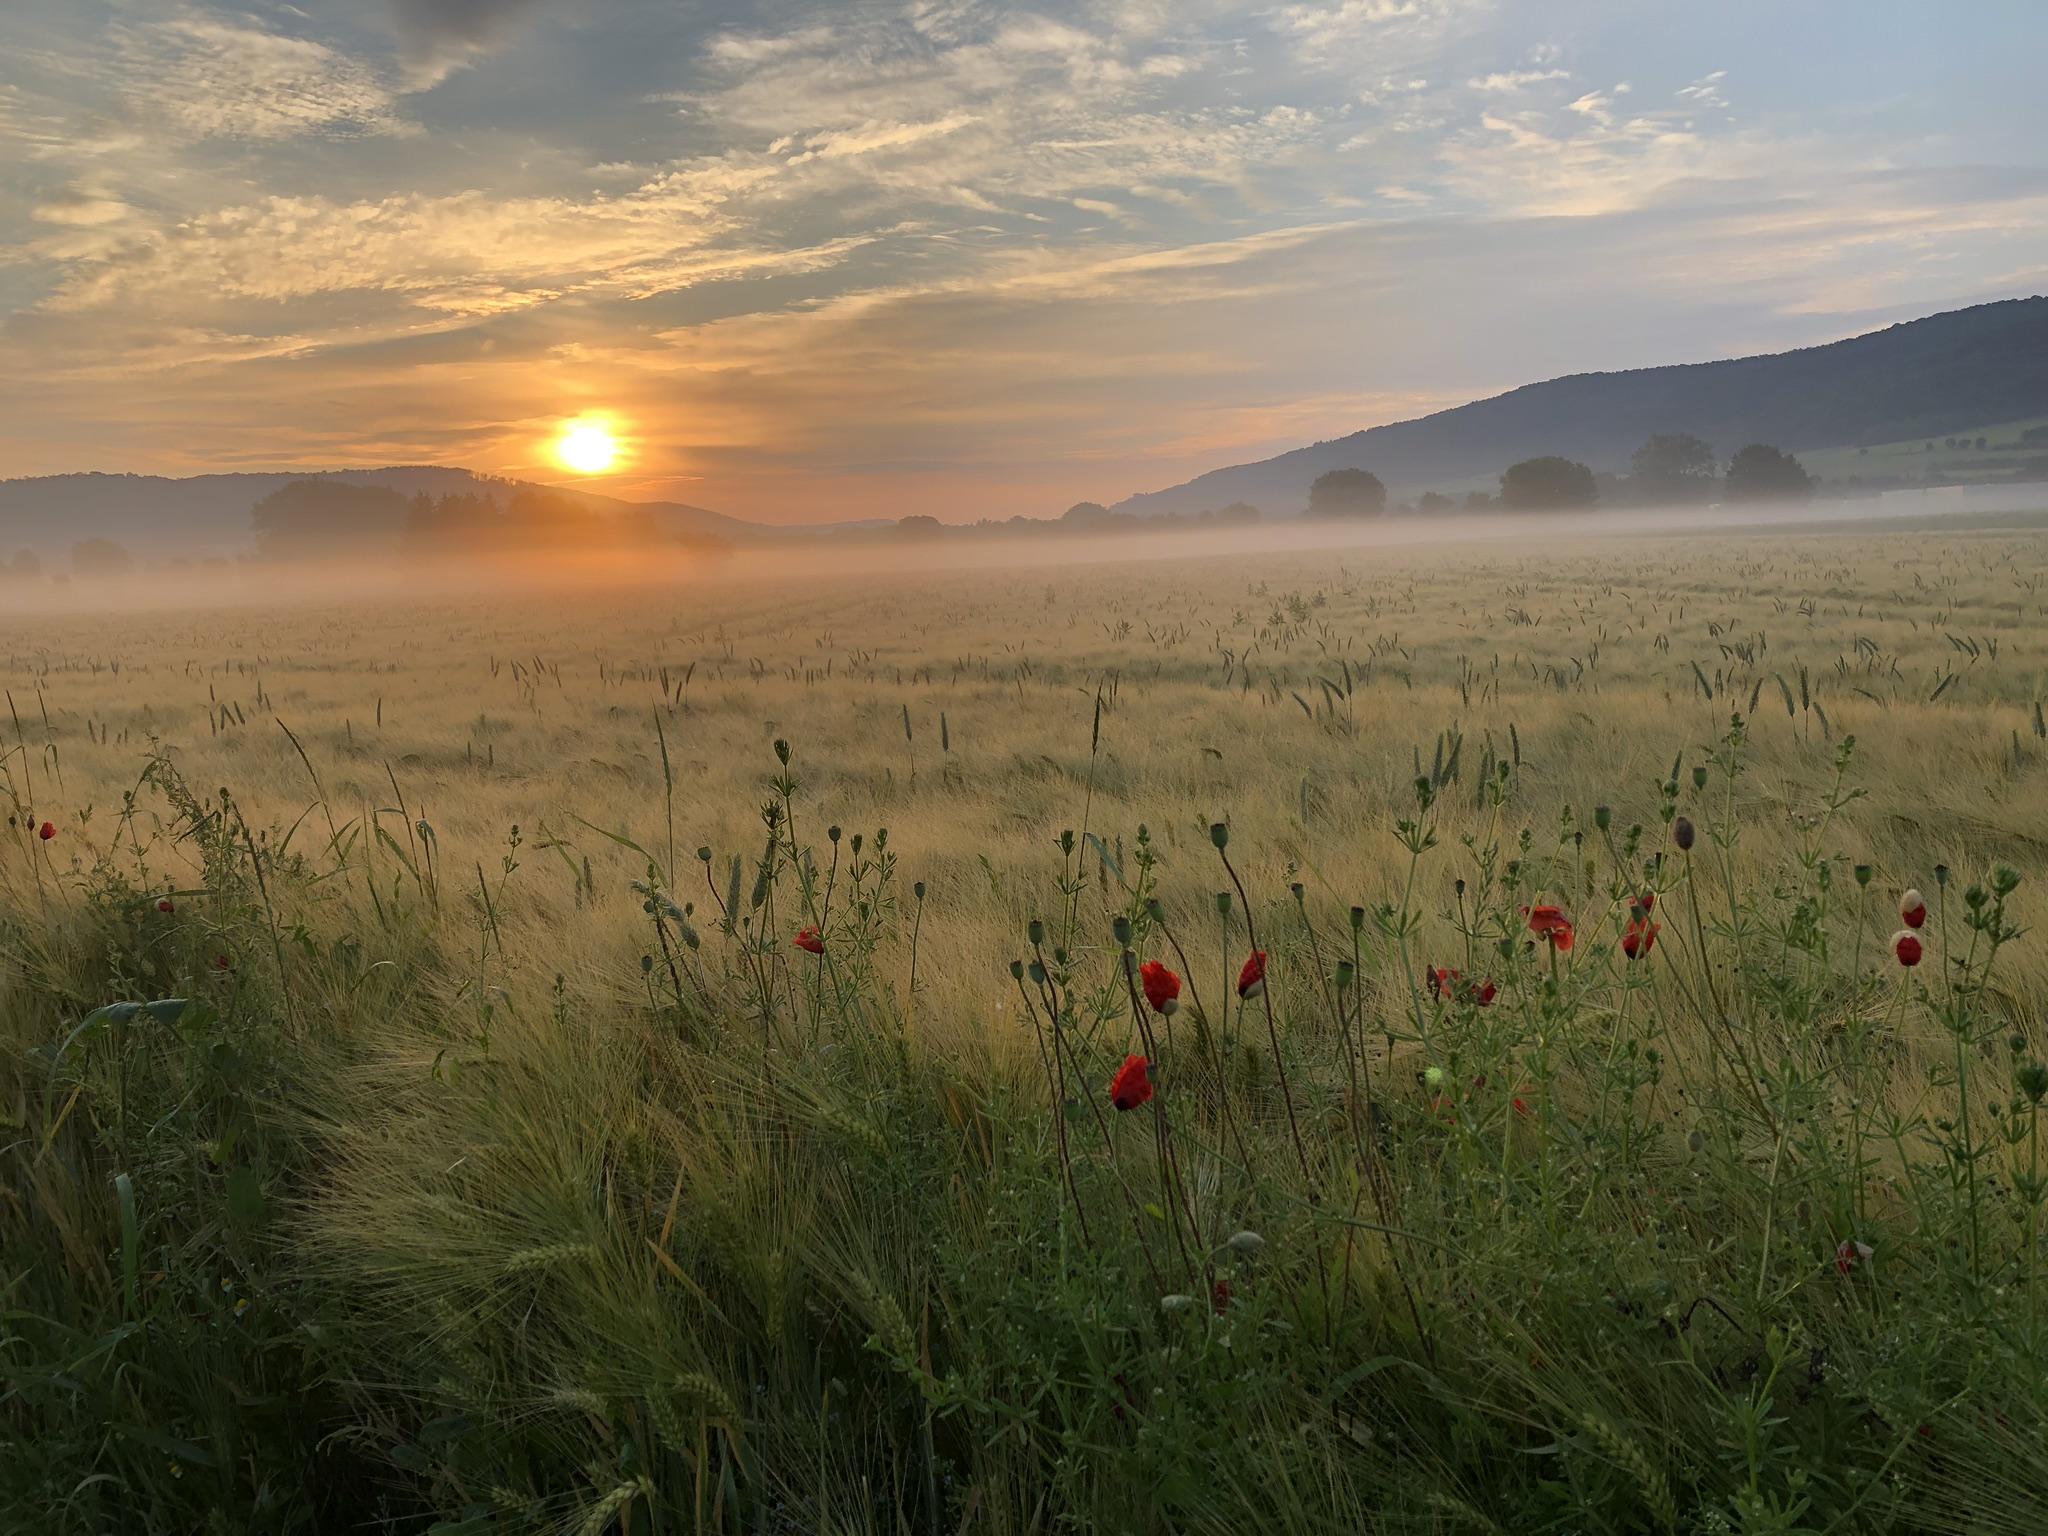 Sonnenaufgang am Weizenfeld